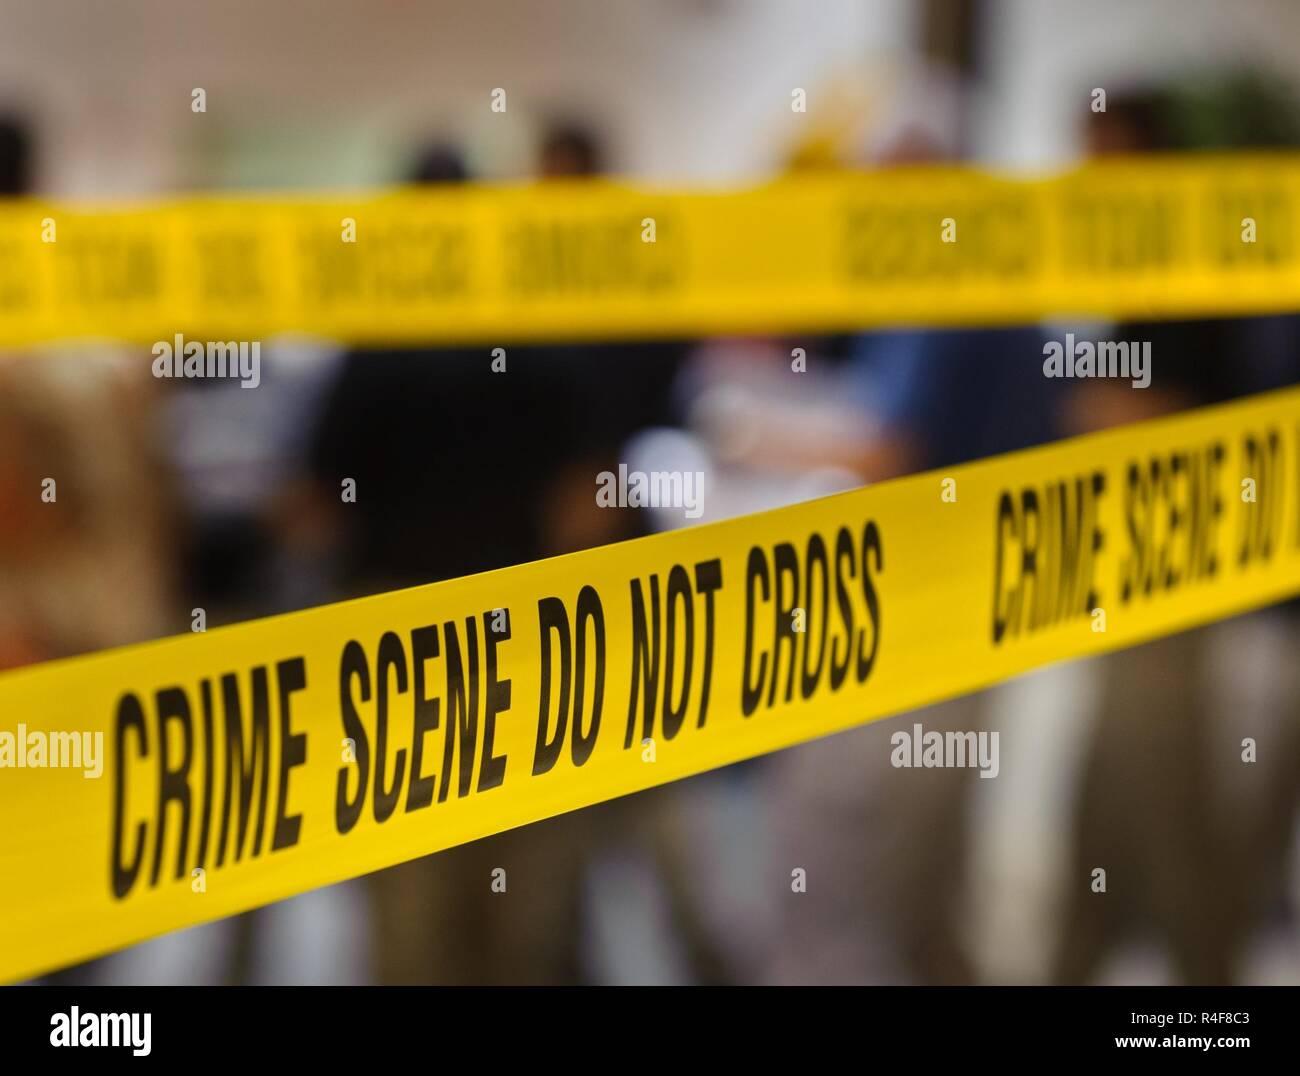 Crime Scene tape fissa un sito di indagine. Una scena del crimine è qualsiasi posizione che può essere associato con un commesso il crimine. Le scene del crimine contengono le prove fisiche che è pertinente ad una indagine penale.Tale prova è raccolto dalla scena del crimine gli investigatori (CSI) e l applicazione della legge.La posizione di una scena del crimine può essere il luogo in cui il reato ha avuto luogo, o può essere una qualsiasi area che contiene elementi di prova dal reato stesso. Le scene non sono solo limitati a una posizione, ma può essere qualsiasi persona, un luogo o un oggetto associato con i comportamenti criminali che si sono verificati. Immagini Stock